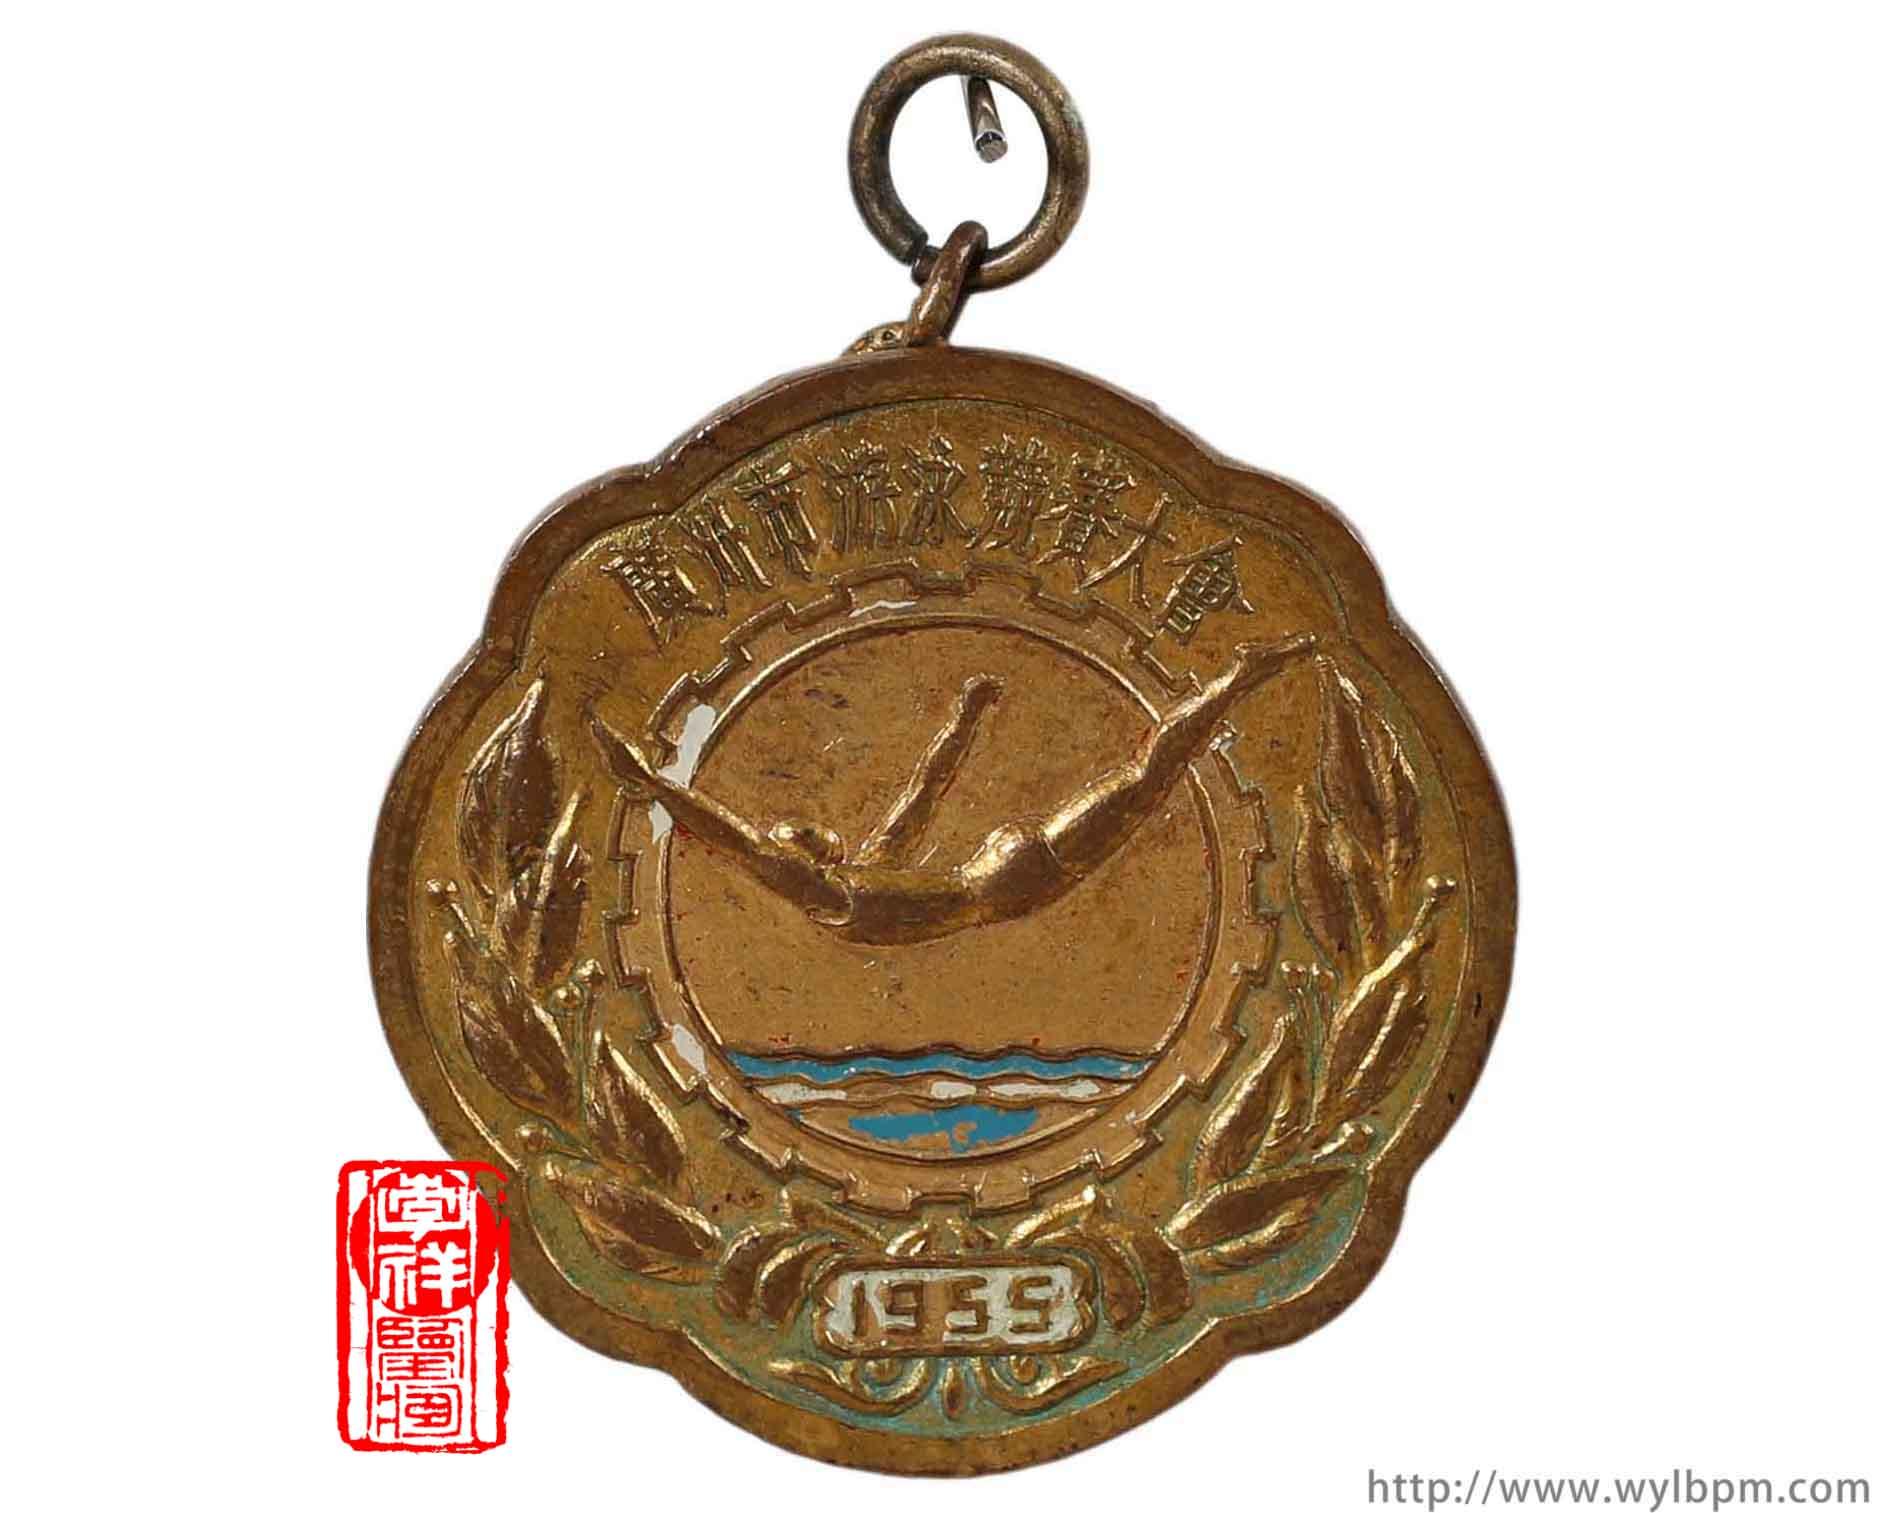 运动会奖牌,运动会奖杯,奥运会火炬,奥运会奖牌,民国体育,古代体育,体育老照片,体育资料